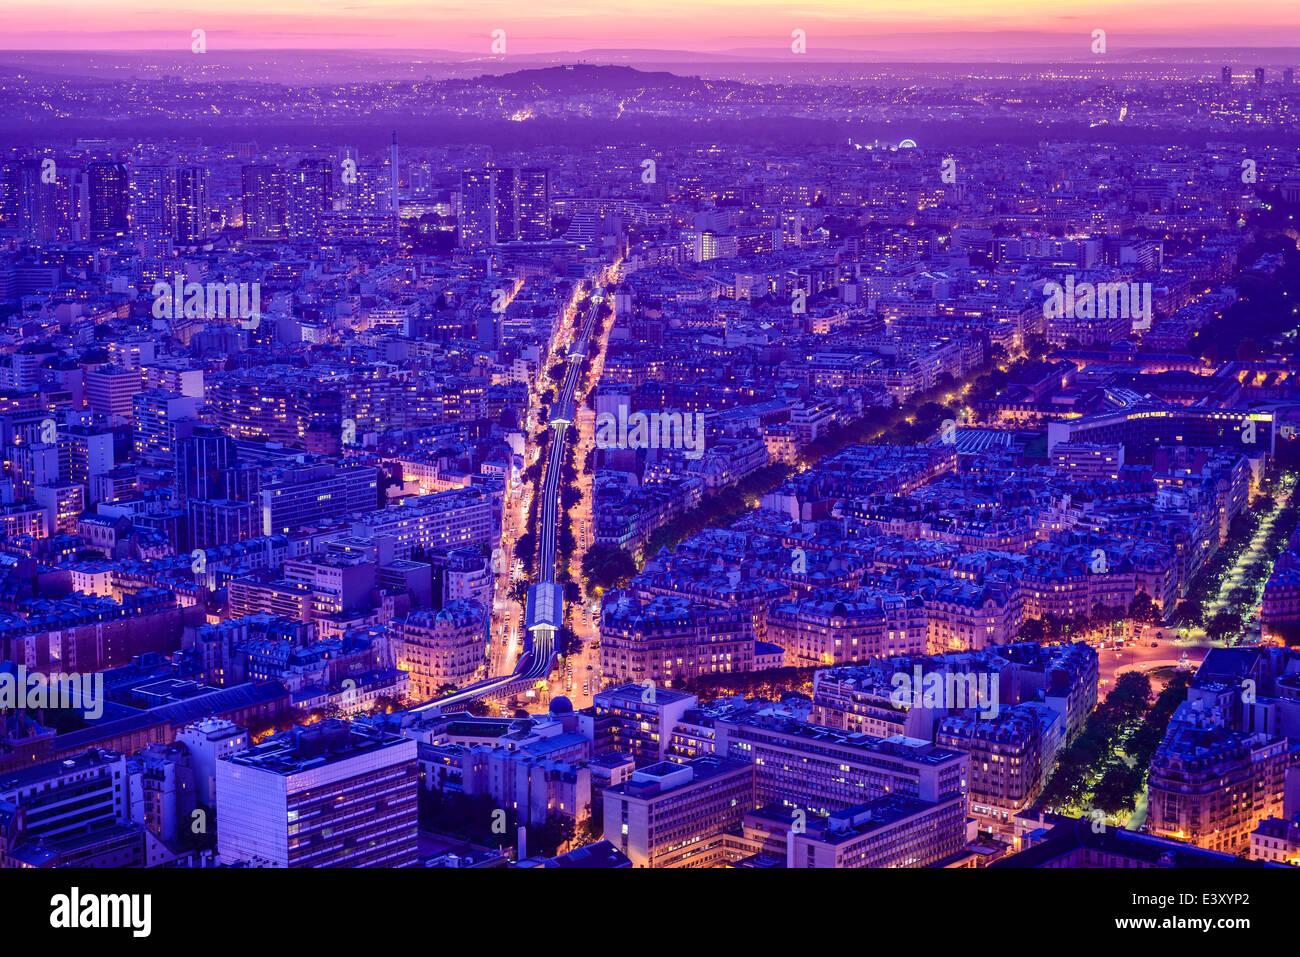 Aerial view of Paris cityscape at night, Paris, Ile de France, France - Stock Image